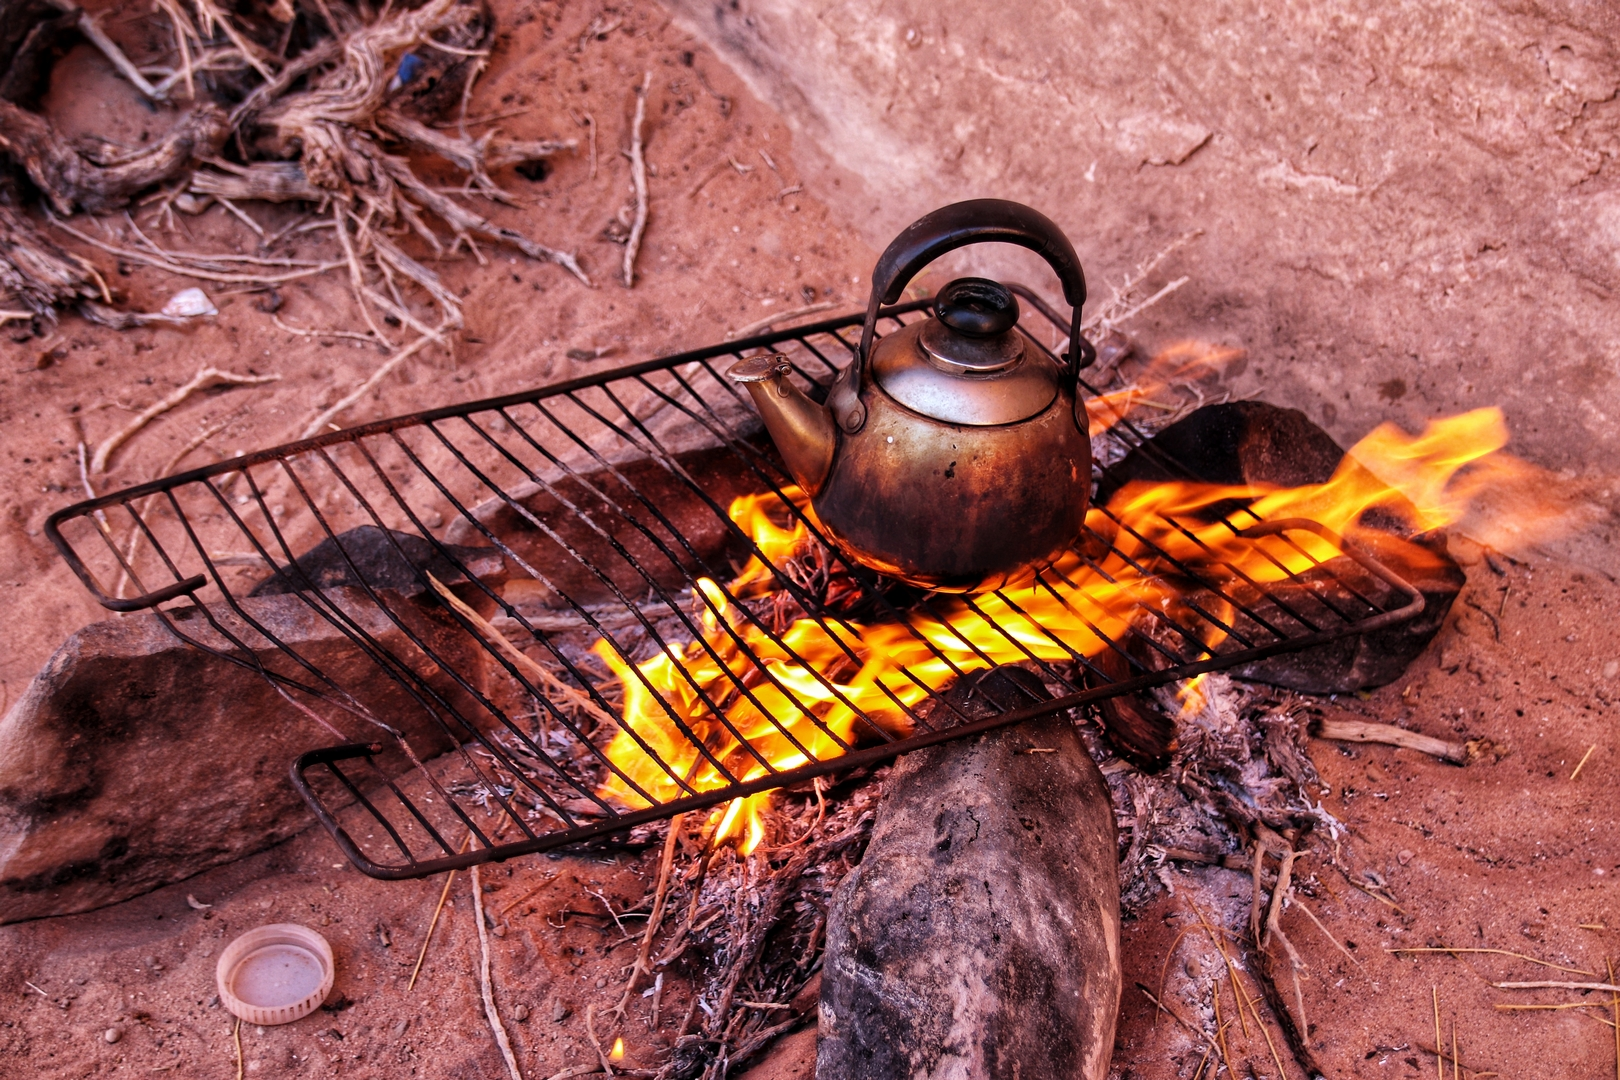 Jordanie - Pique-nique dans le désert de Wadi Rum